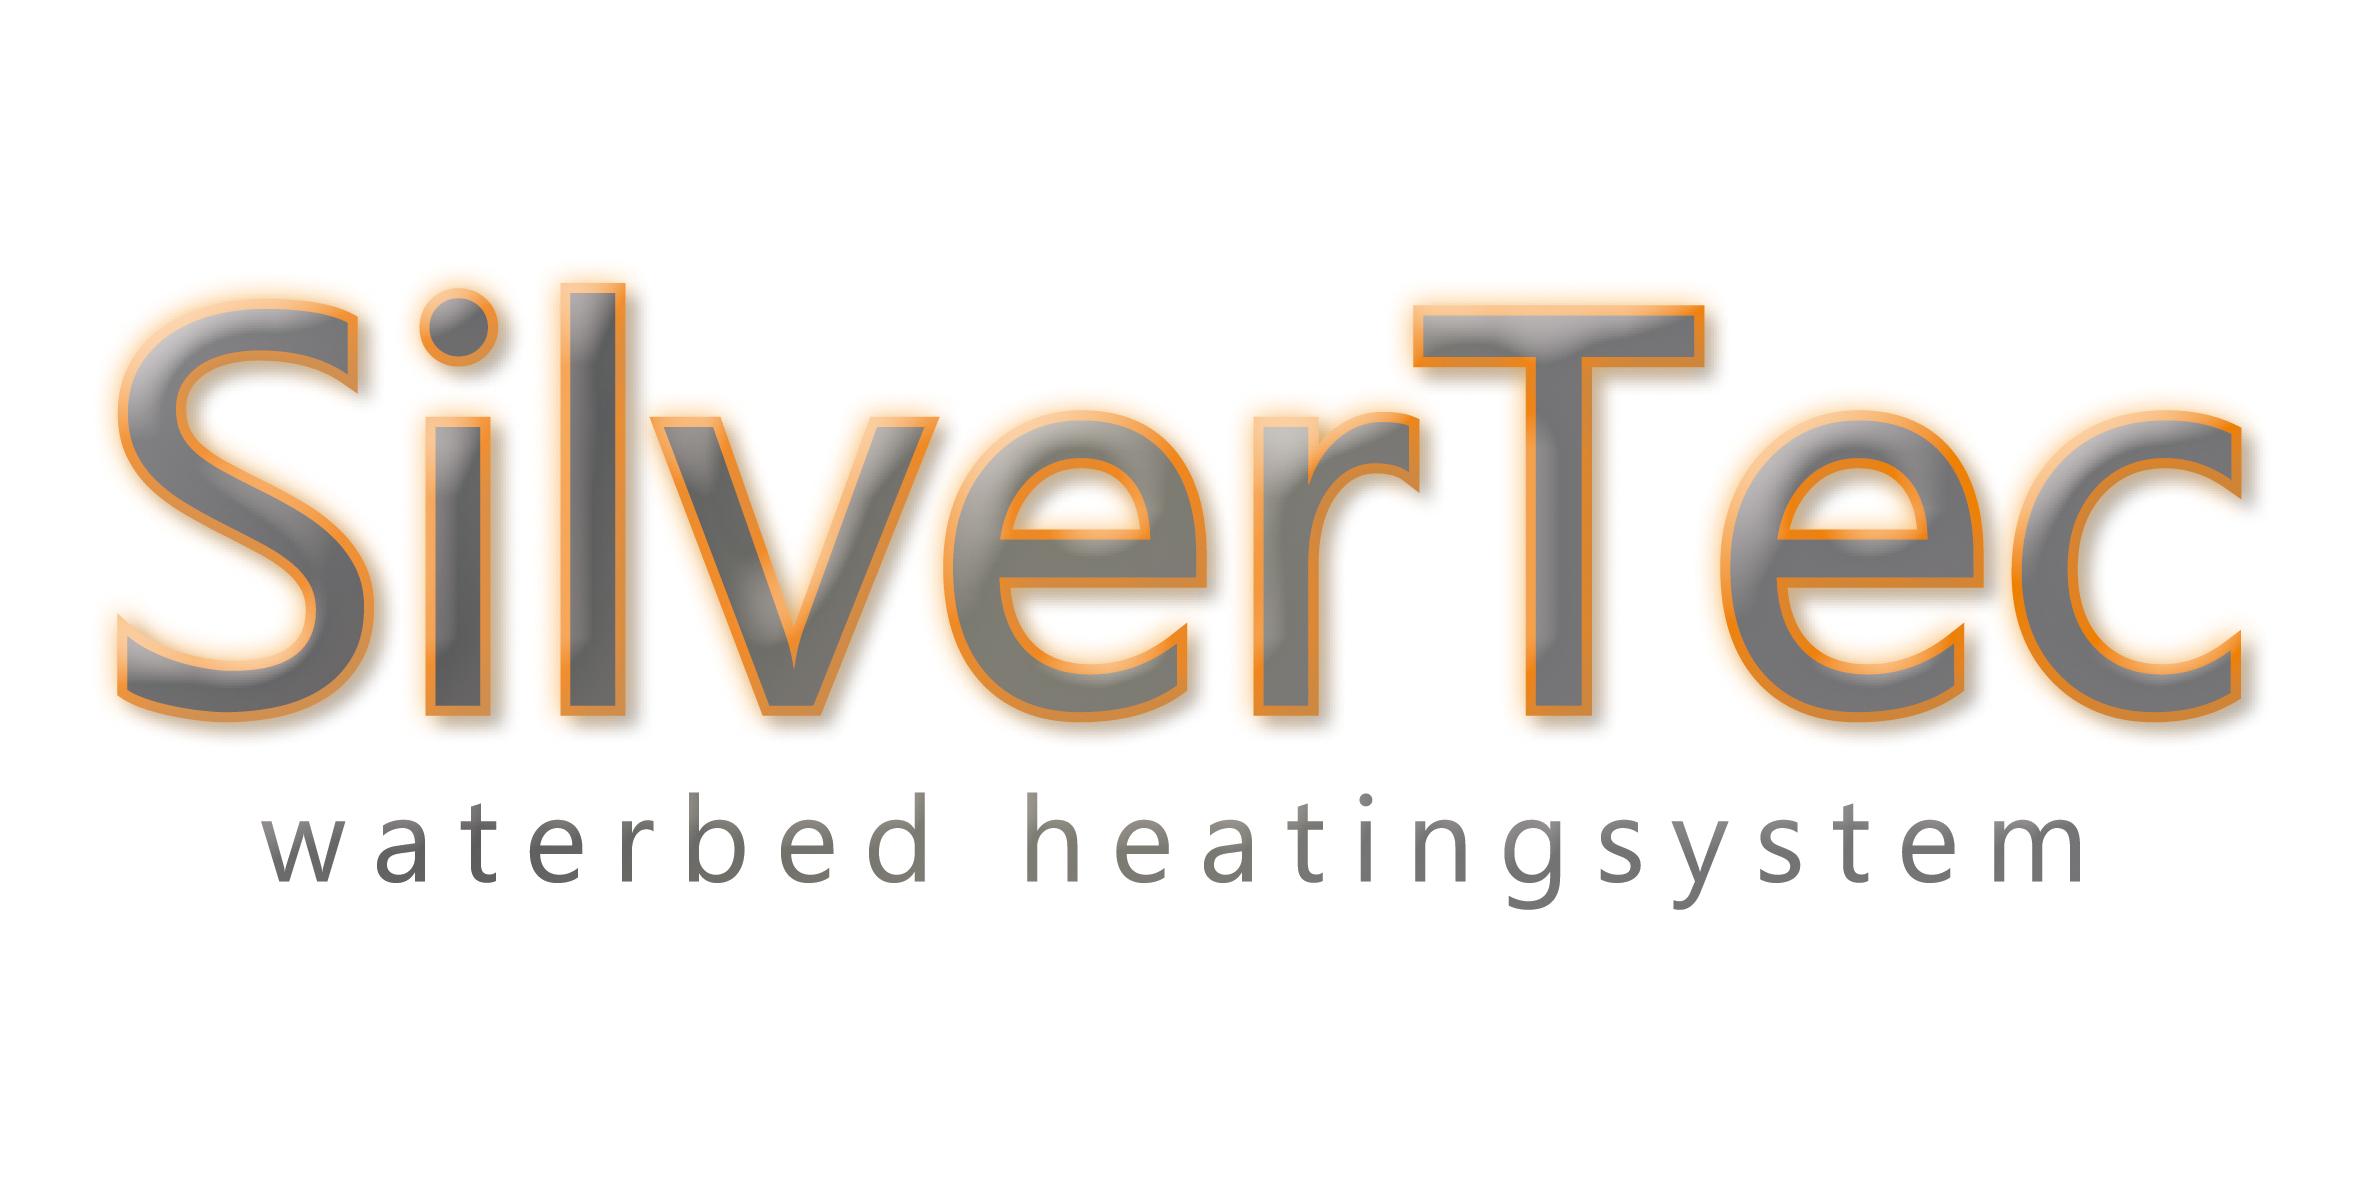 heizung wasserbett wasserbetten silvertec heizsystem auch als ersatzheizung ebay. Black Bedroom Furniture Sets. Home Design Ideas